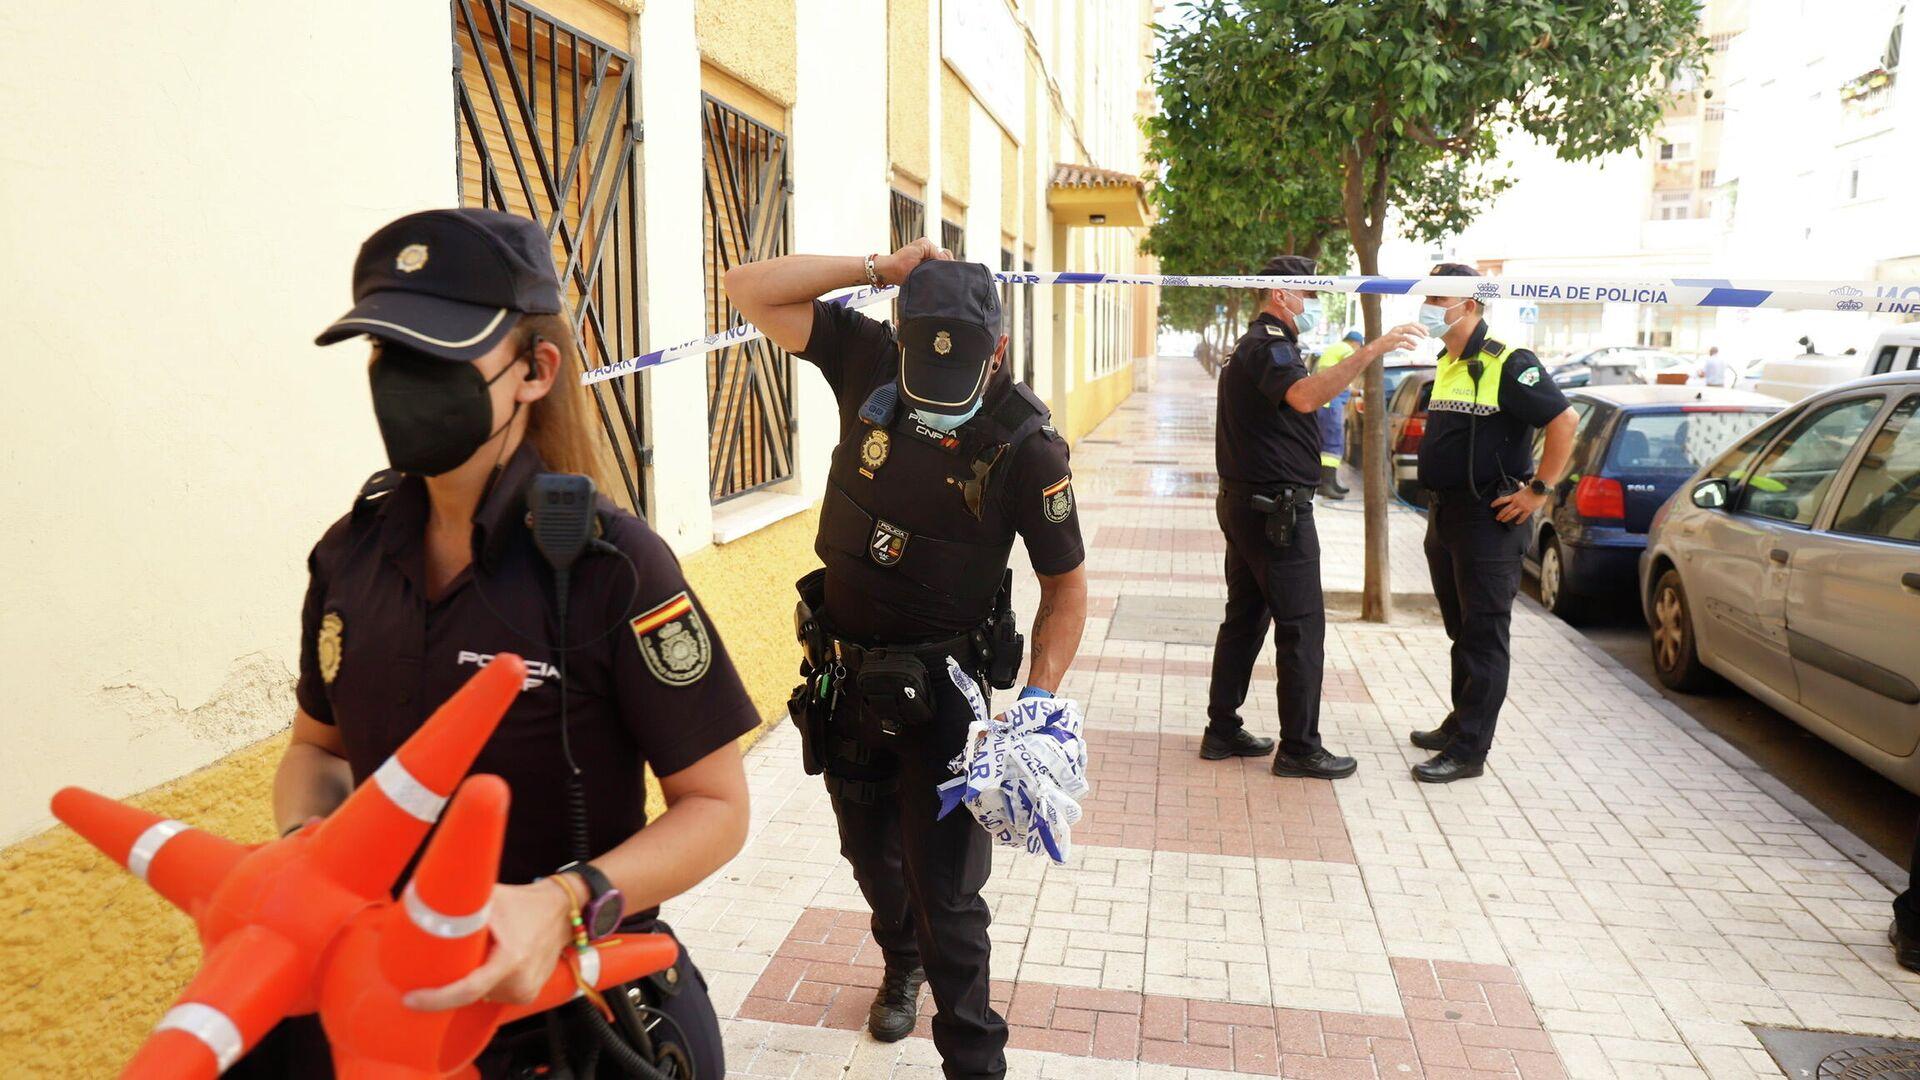 Agentes policiales en la calle de Málaga donde un hombre mató a su pareja - Sputnik Mundo, 1920, 15.07.2021